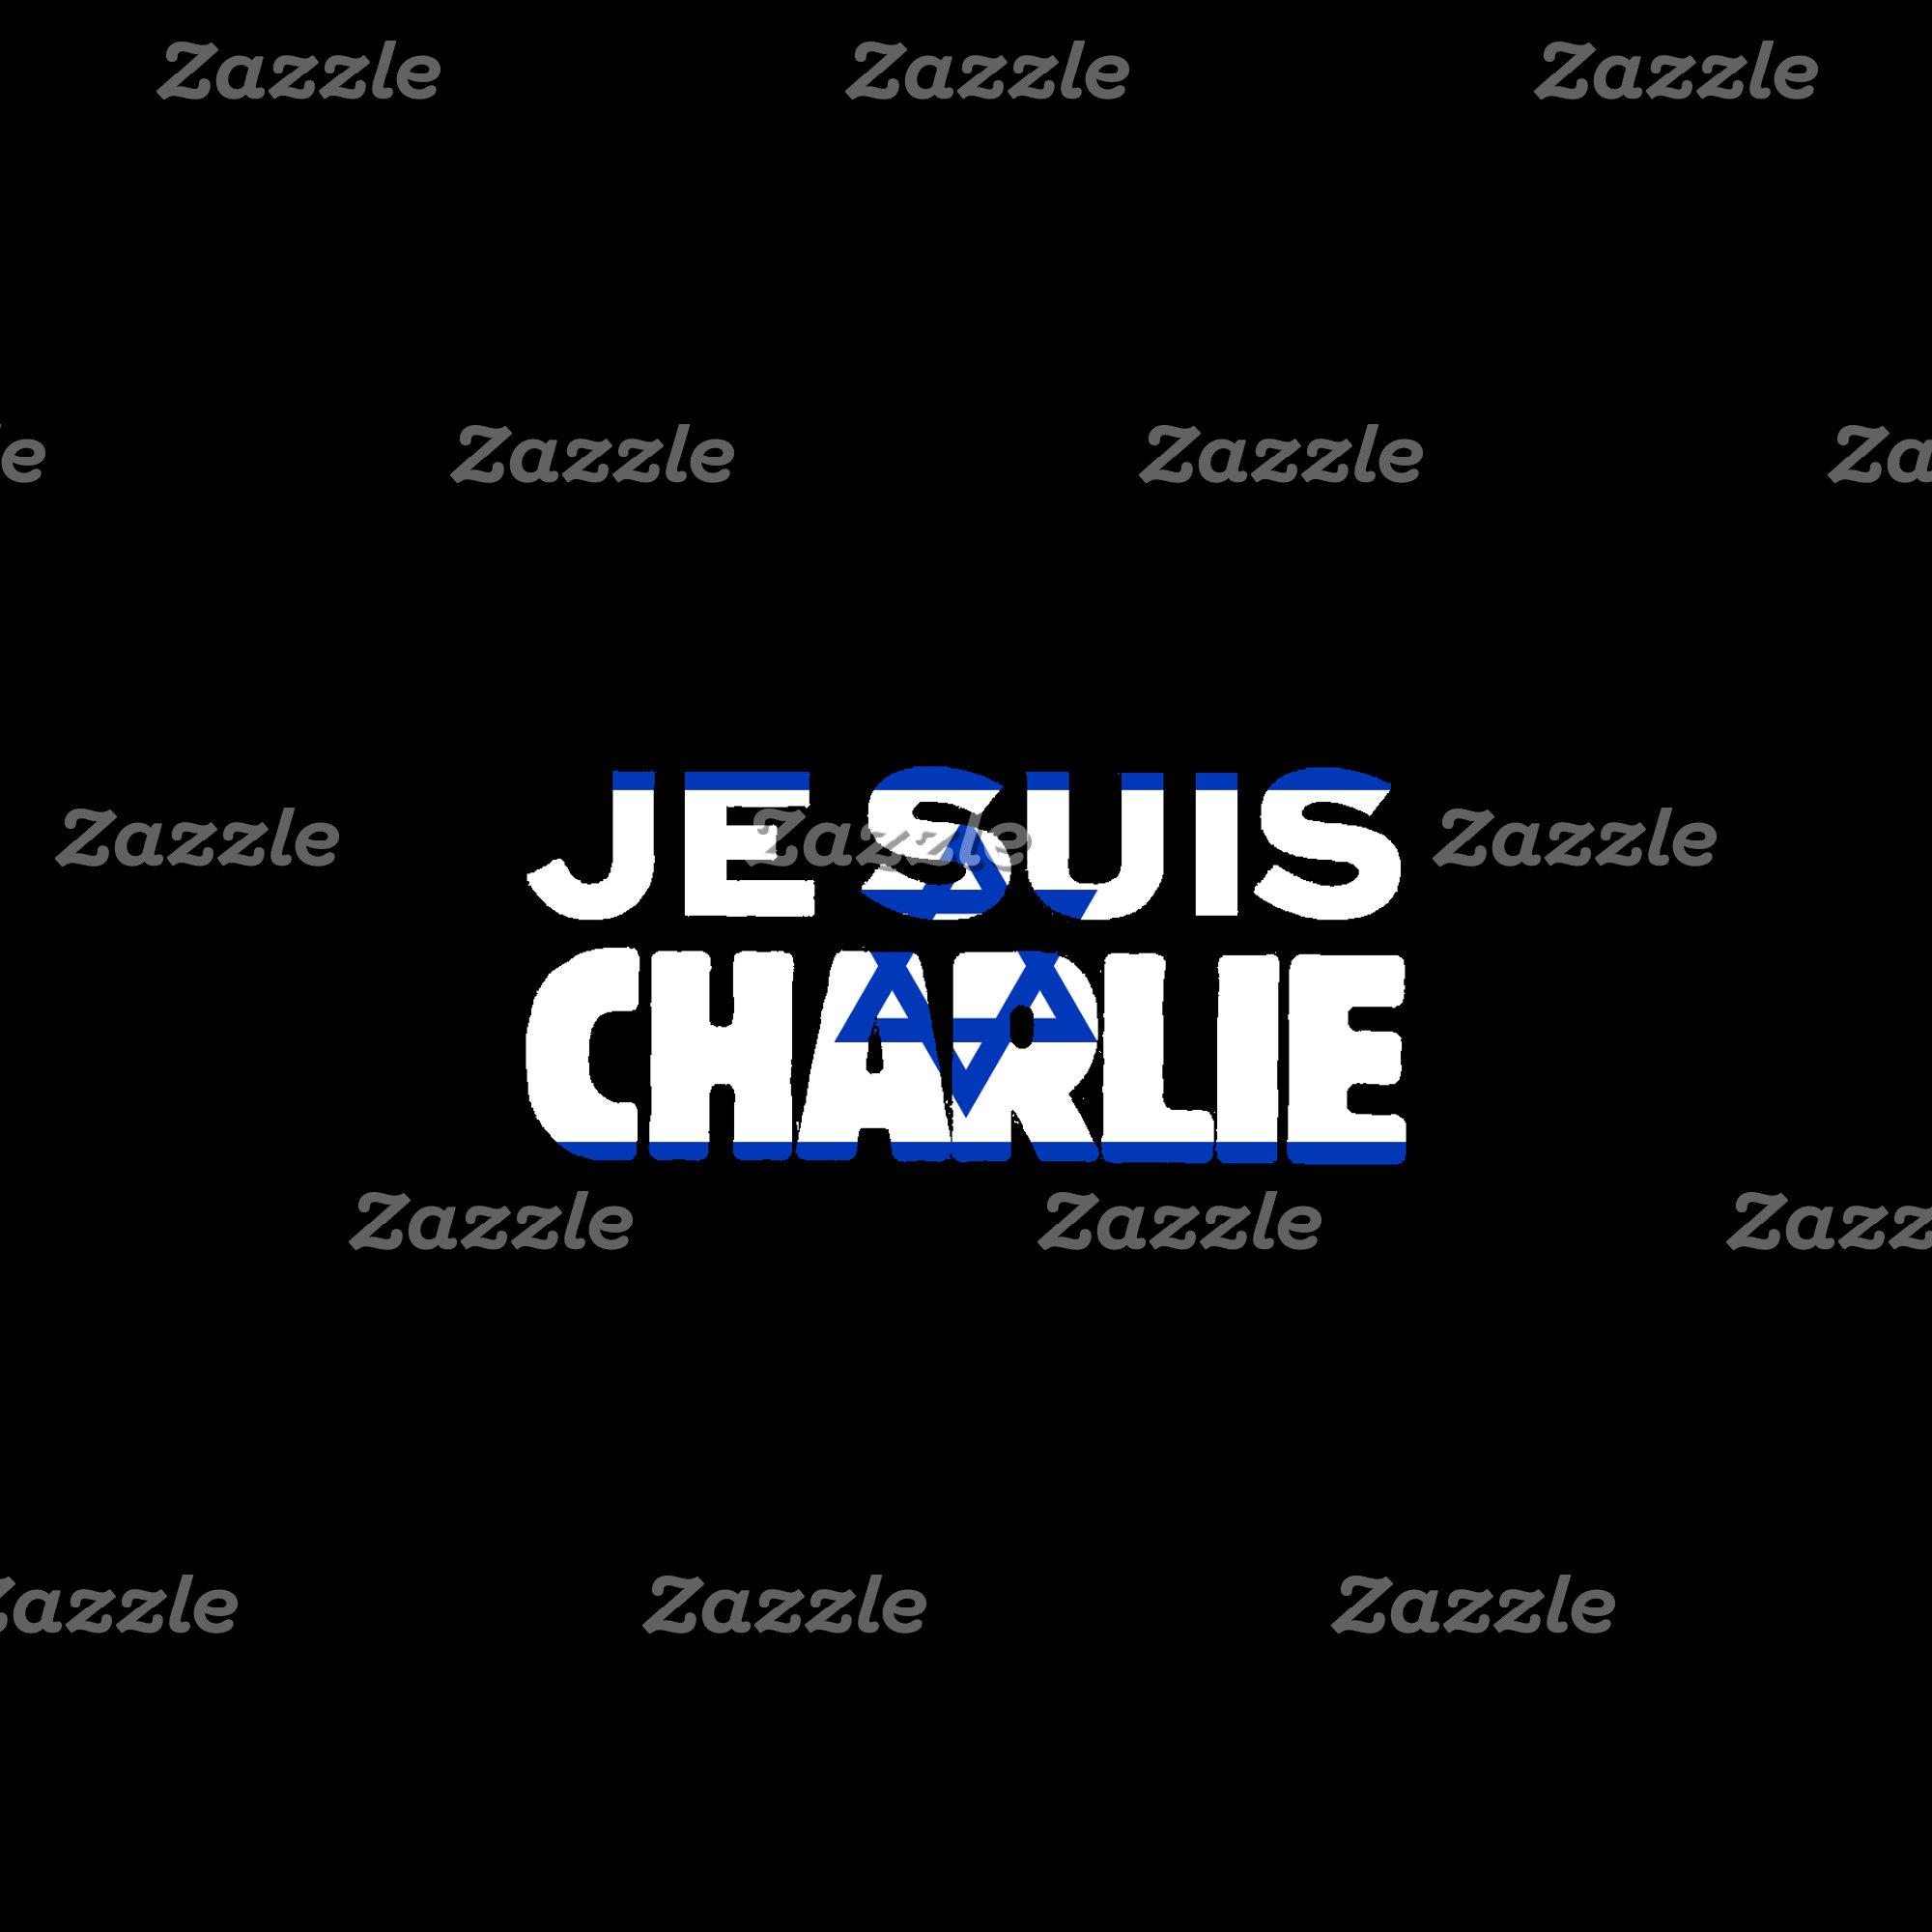 Je Suis Charlie - Israel